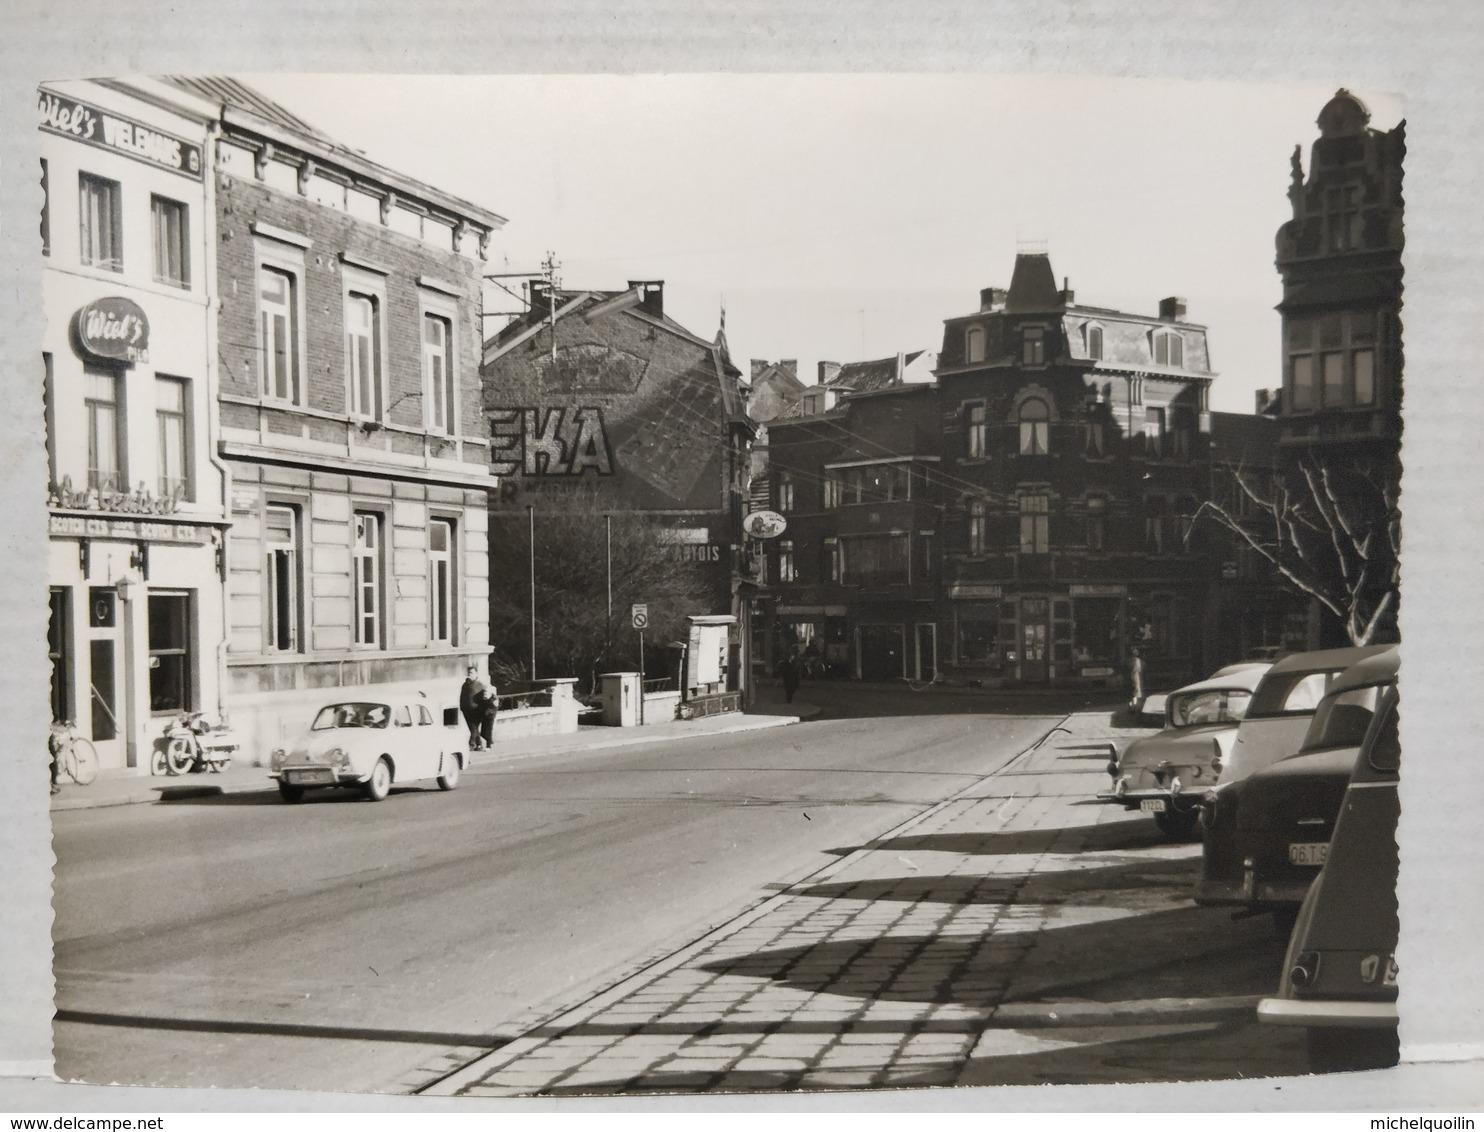 Photo Chênée. Place Joseph Willem Vers Maison Communale. Années 60. 13x18 Cm - Lieux